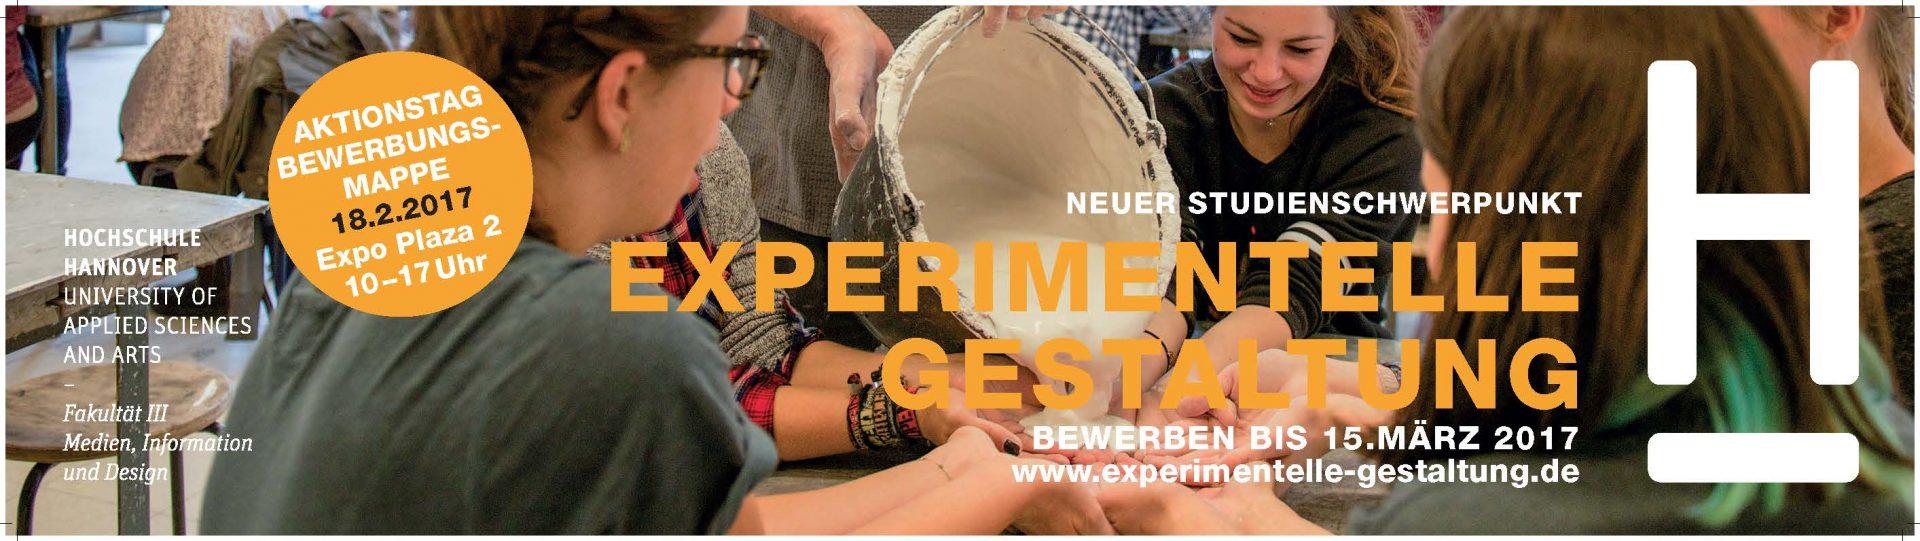 experimentellegestaltung_seite_1